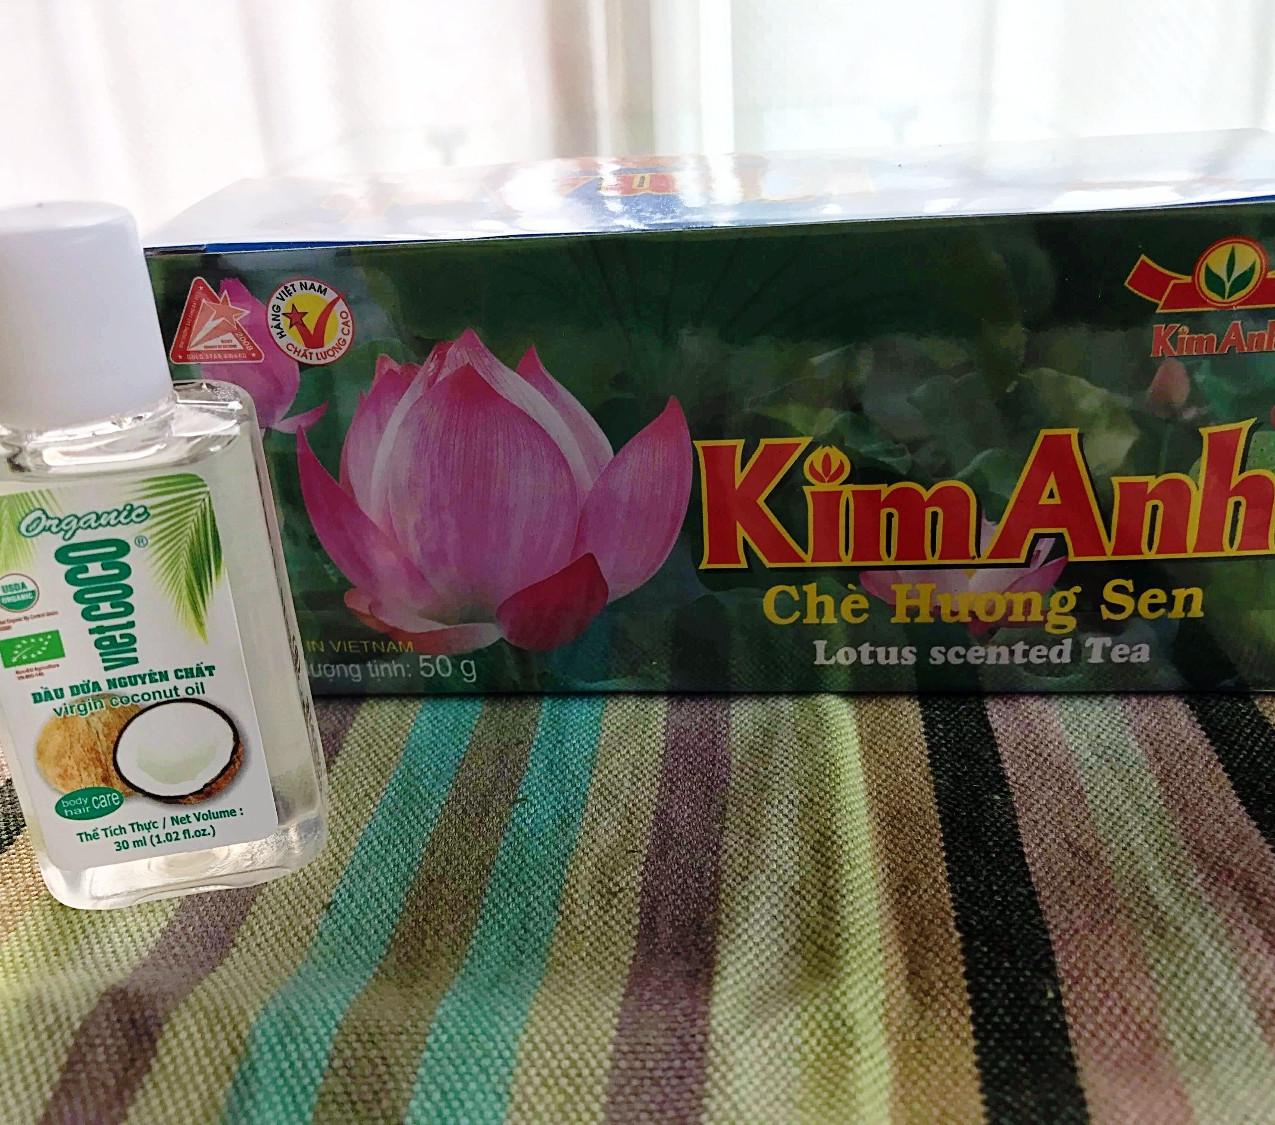 遅めの夏休みをヴェトナムで過ごされたK.O.さんからの 蓮のお茶と食べる事も肌につける事もできるココナツオイル。 お茶もオイルも毎日の必需品です。 ありがとうございます!